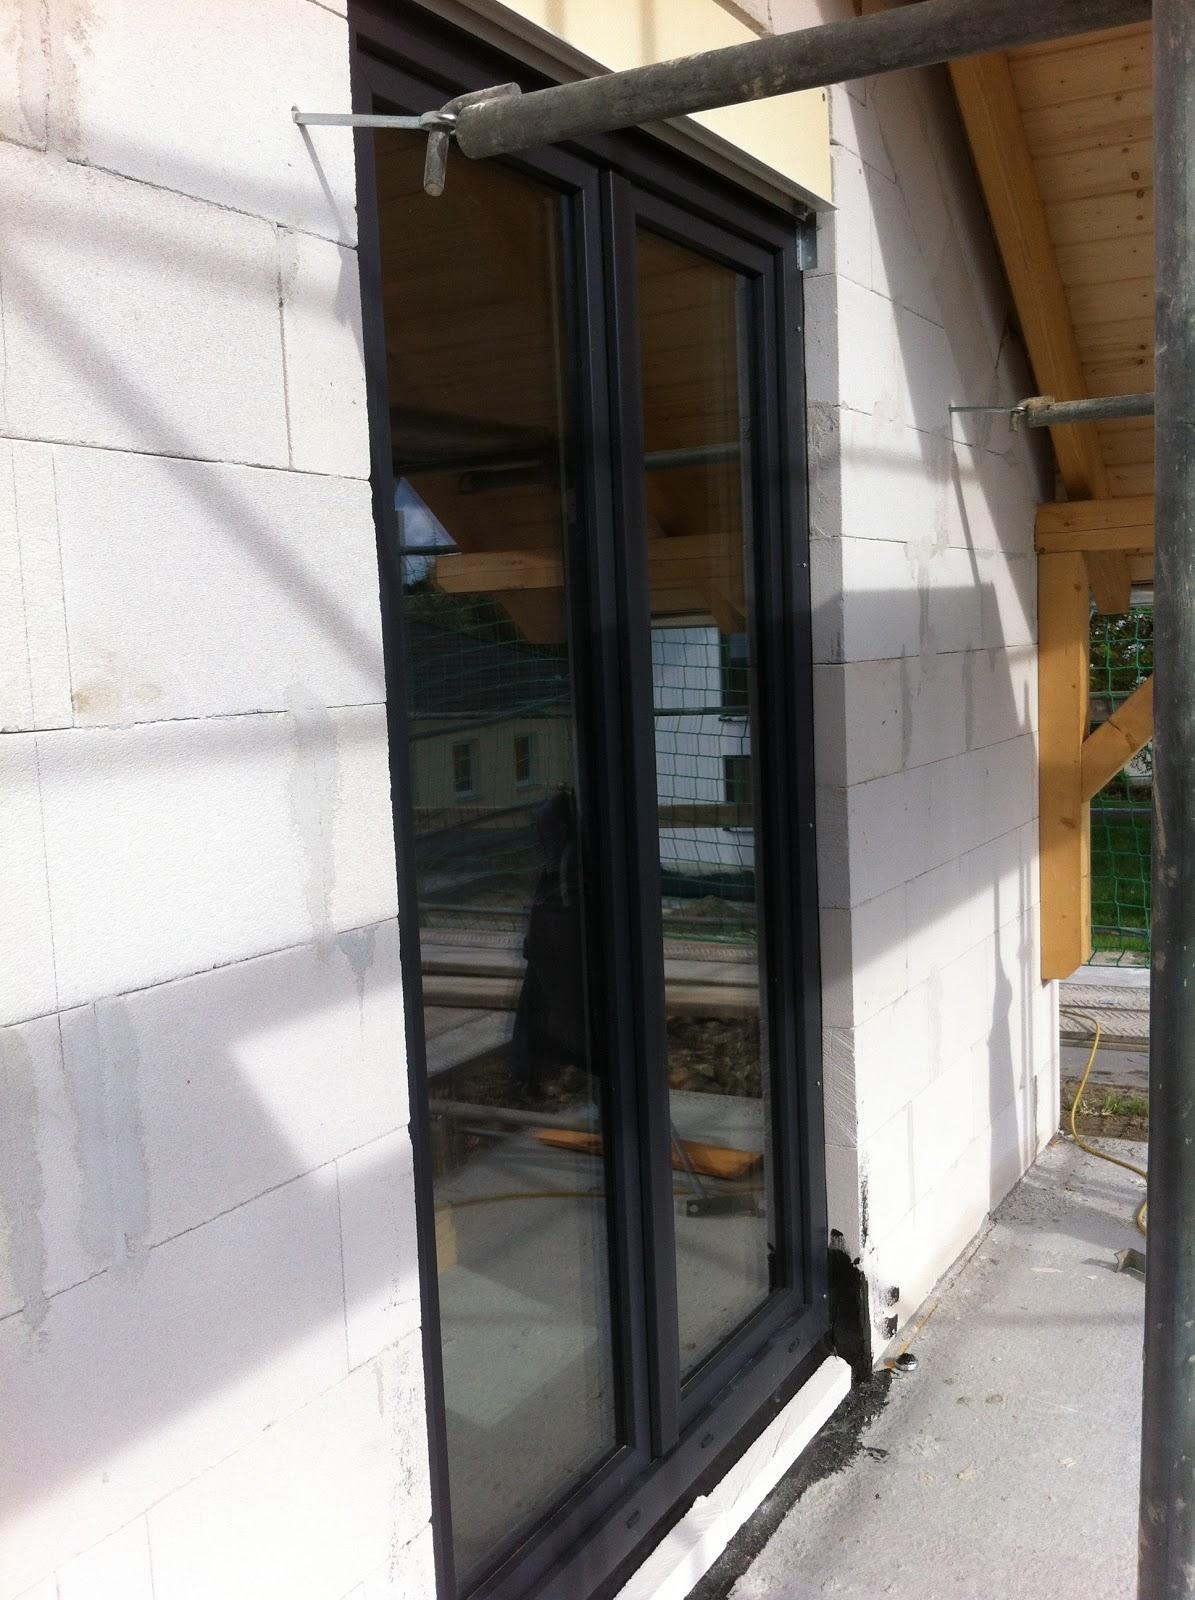 dachfenster hitzeschutz auen latest with dachfenster. Black Bedroom Furniture Sets. Home Design Ideas